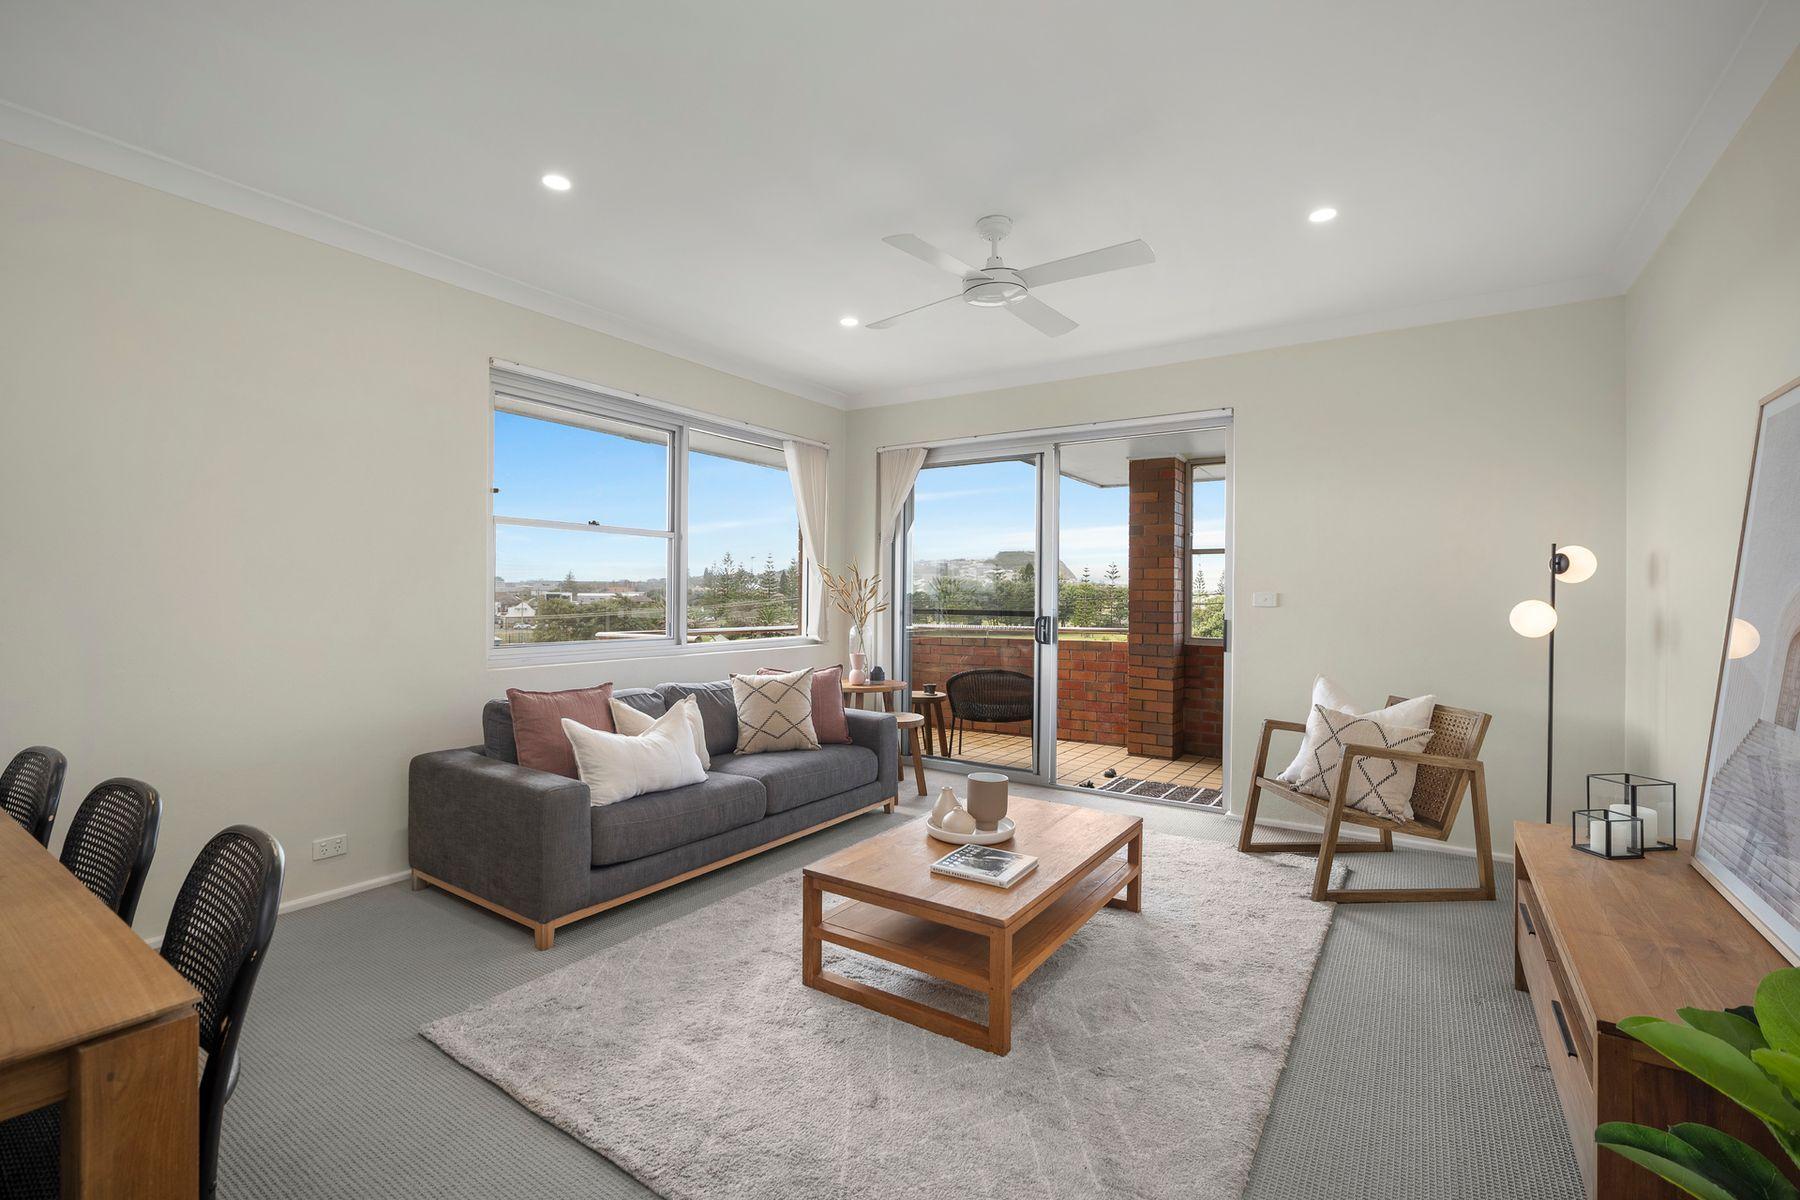 3/24 Kilgour Avenue, Merewether, NSW 2291